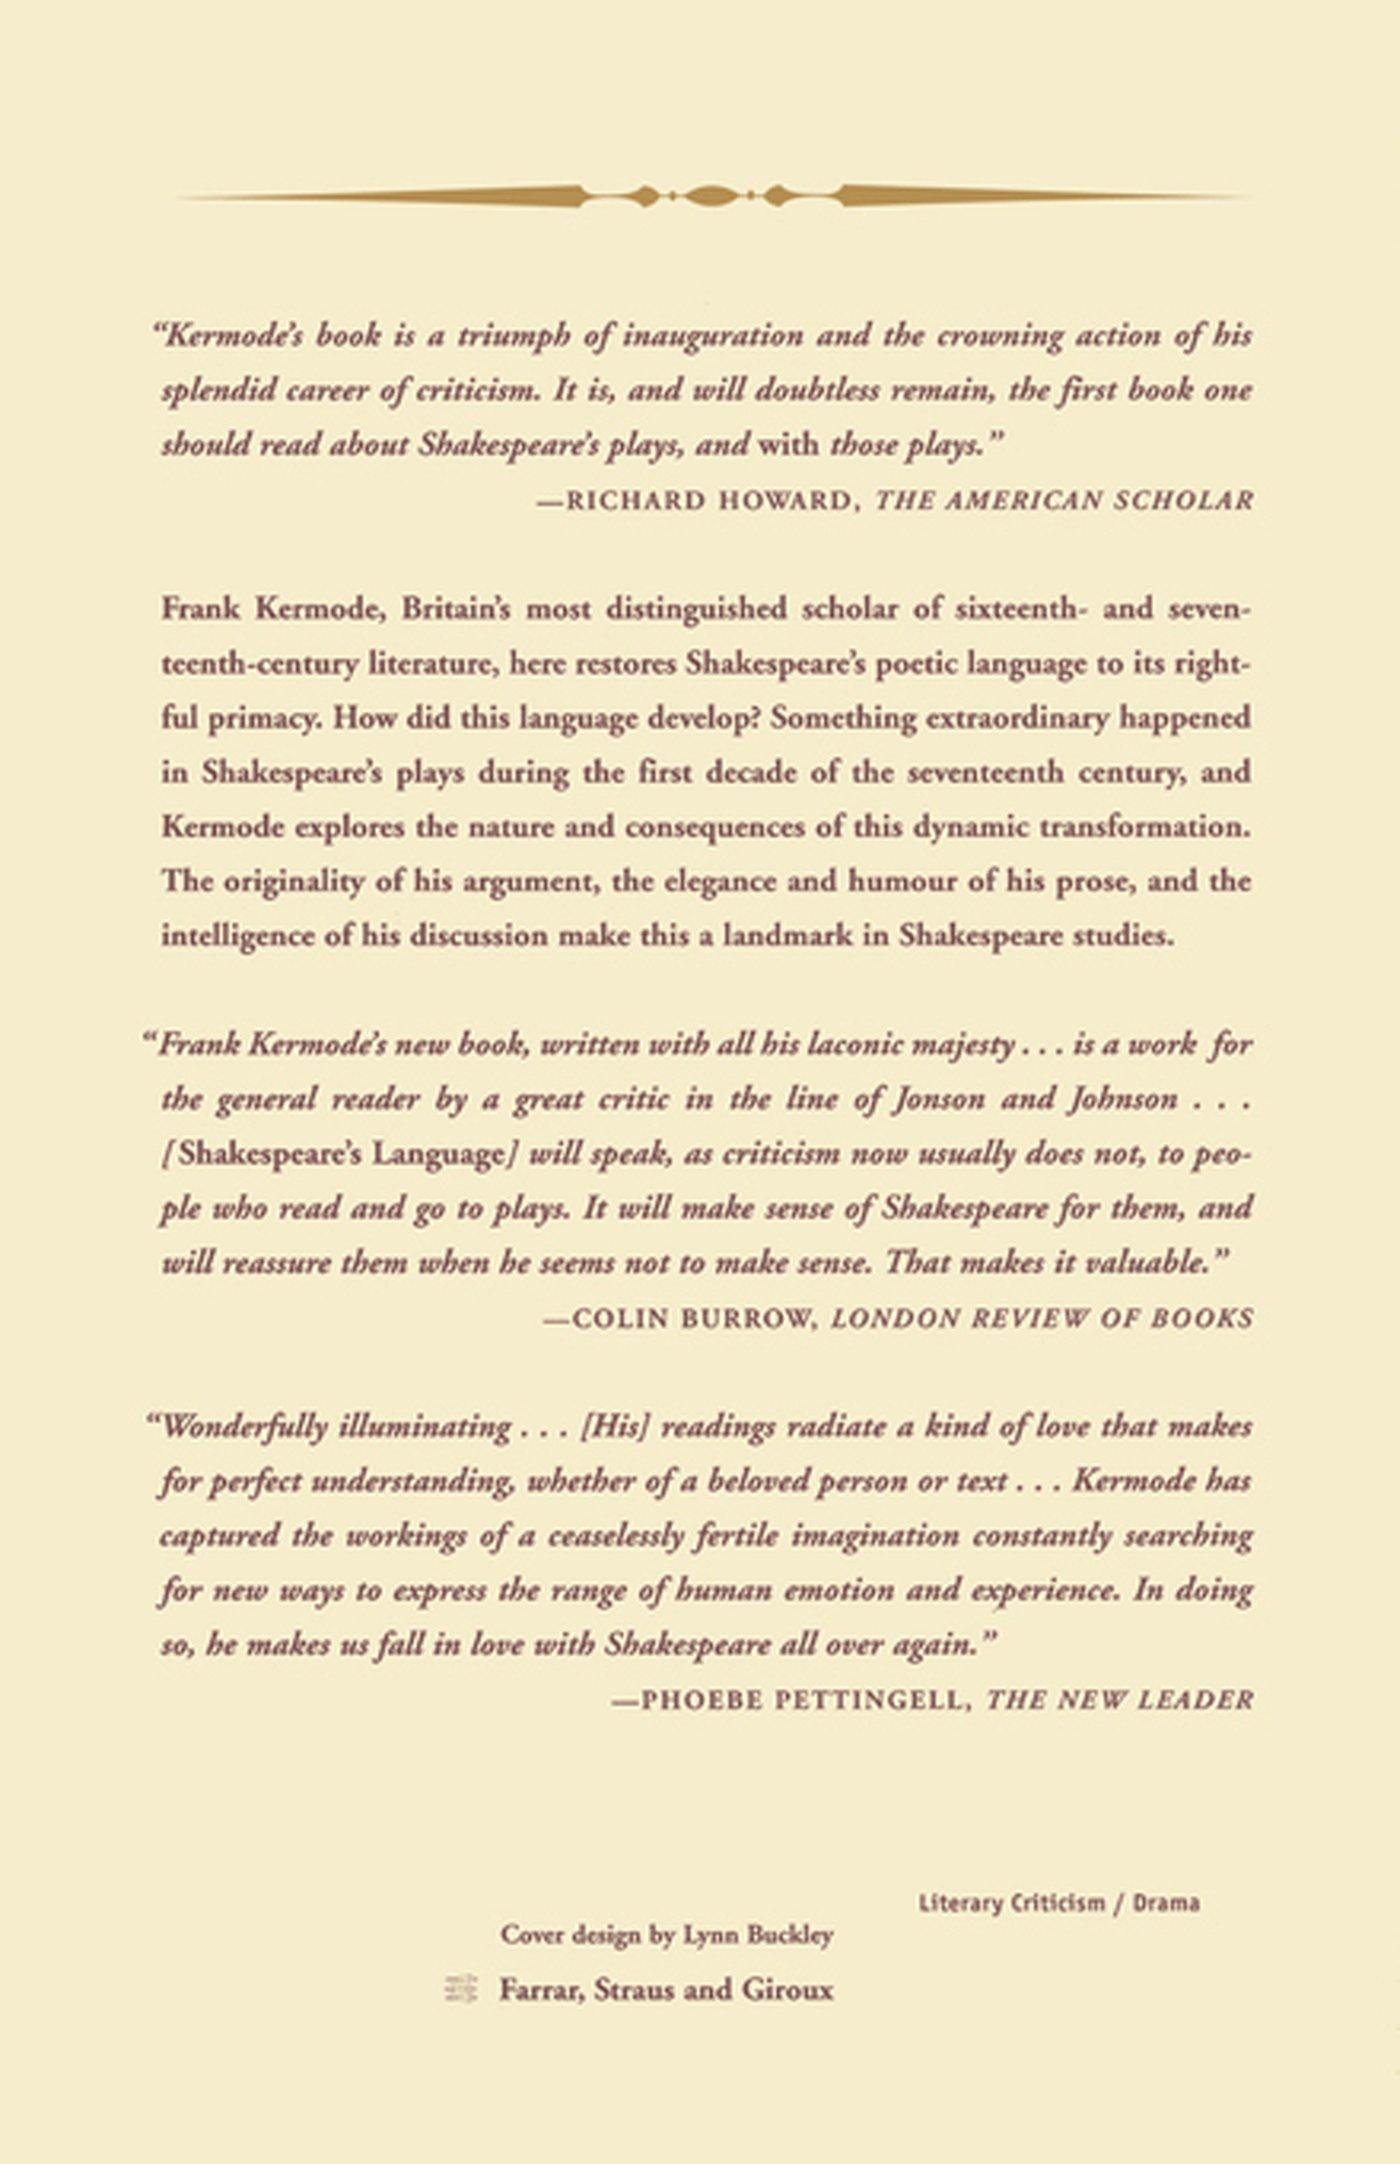 shakespeare s language amazon co uk frank kermode  shakespeare s language amazon co uk frank kermode 9780374527747 books